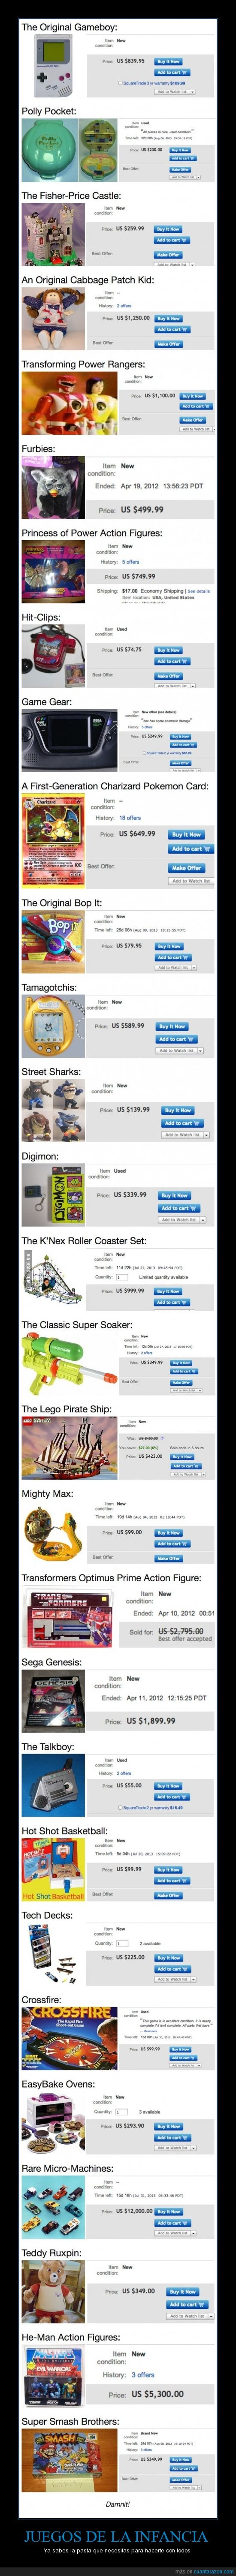 comprar,ebay,infancia,juegos,subastas